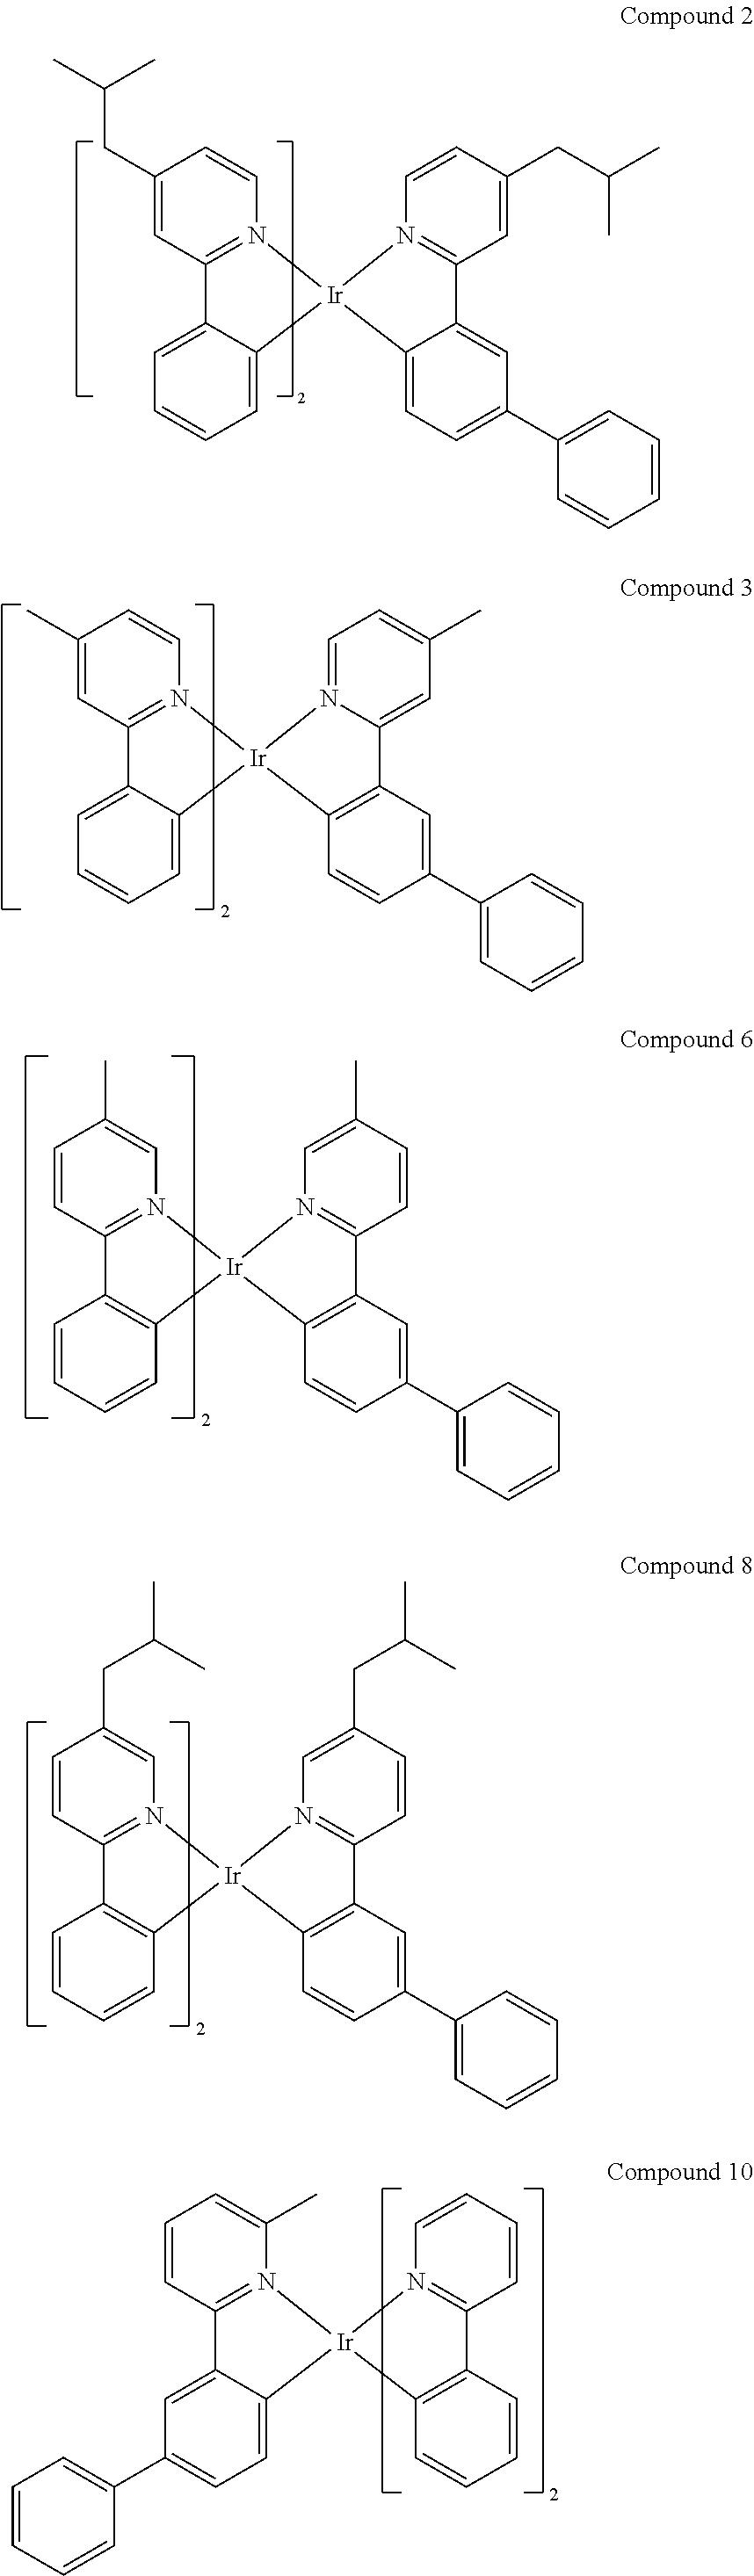 Figure US08519130-20130827-C00017